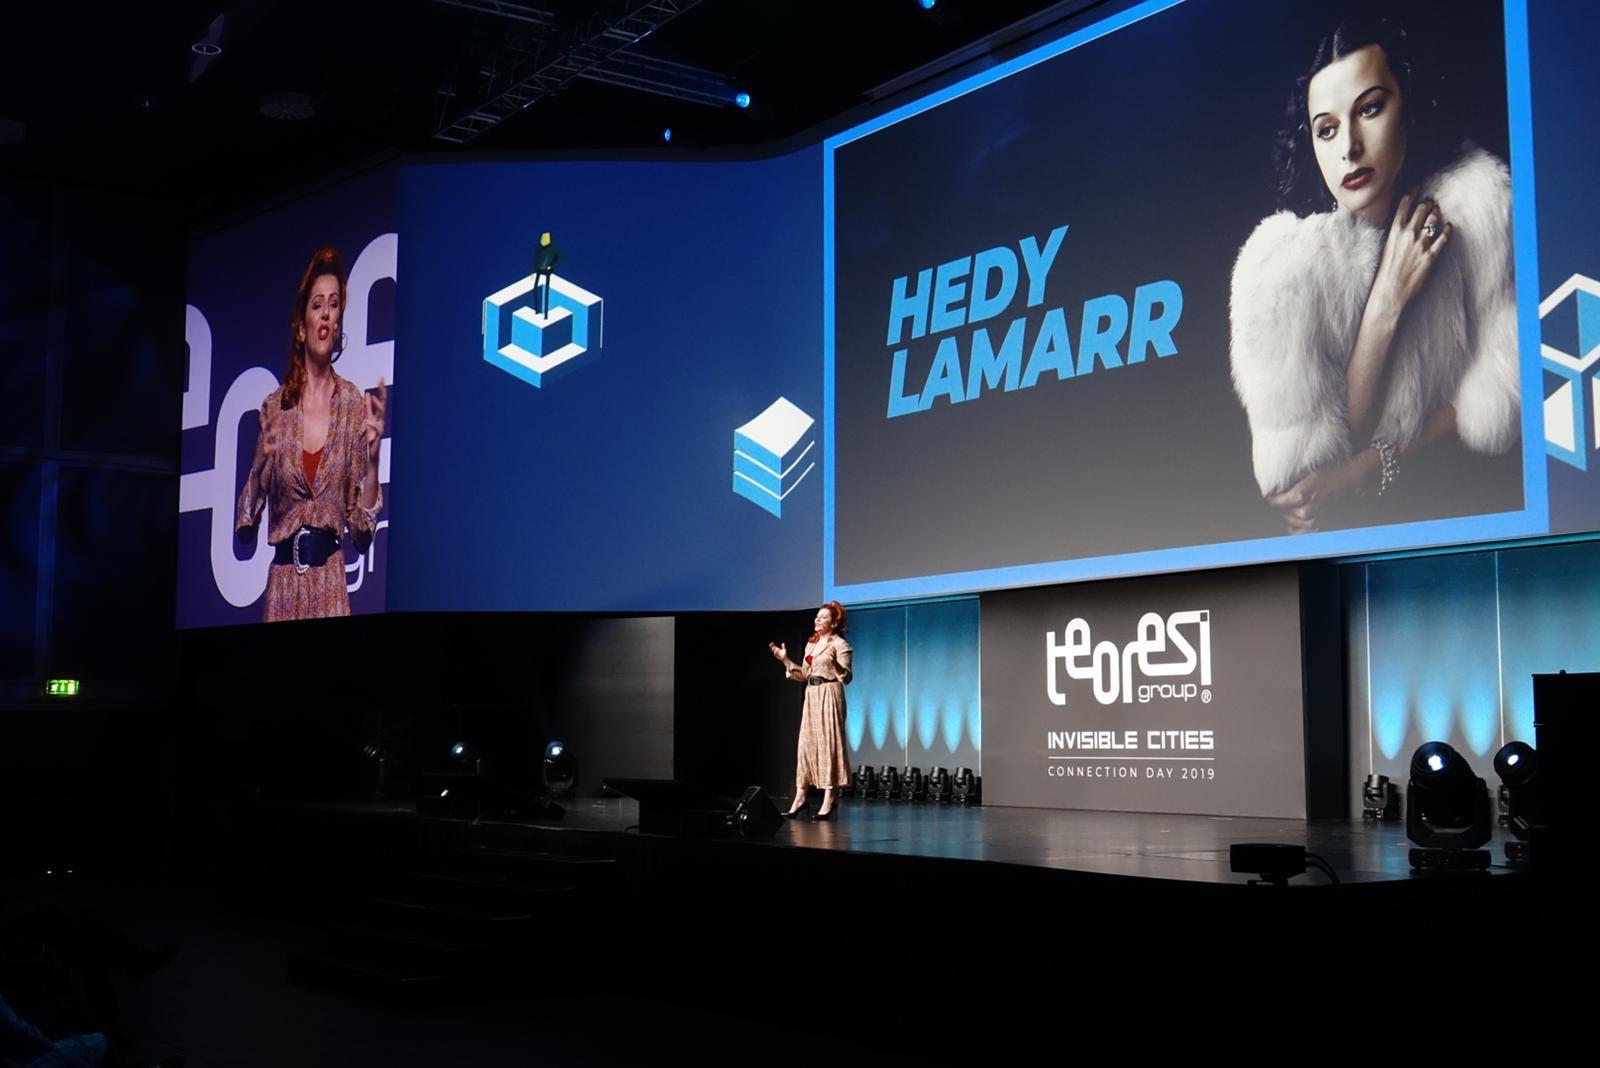 Il mio monologo su HEDY LAMARR ad una convention con mille ingegneri…ecco il racconto!